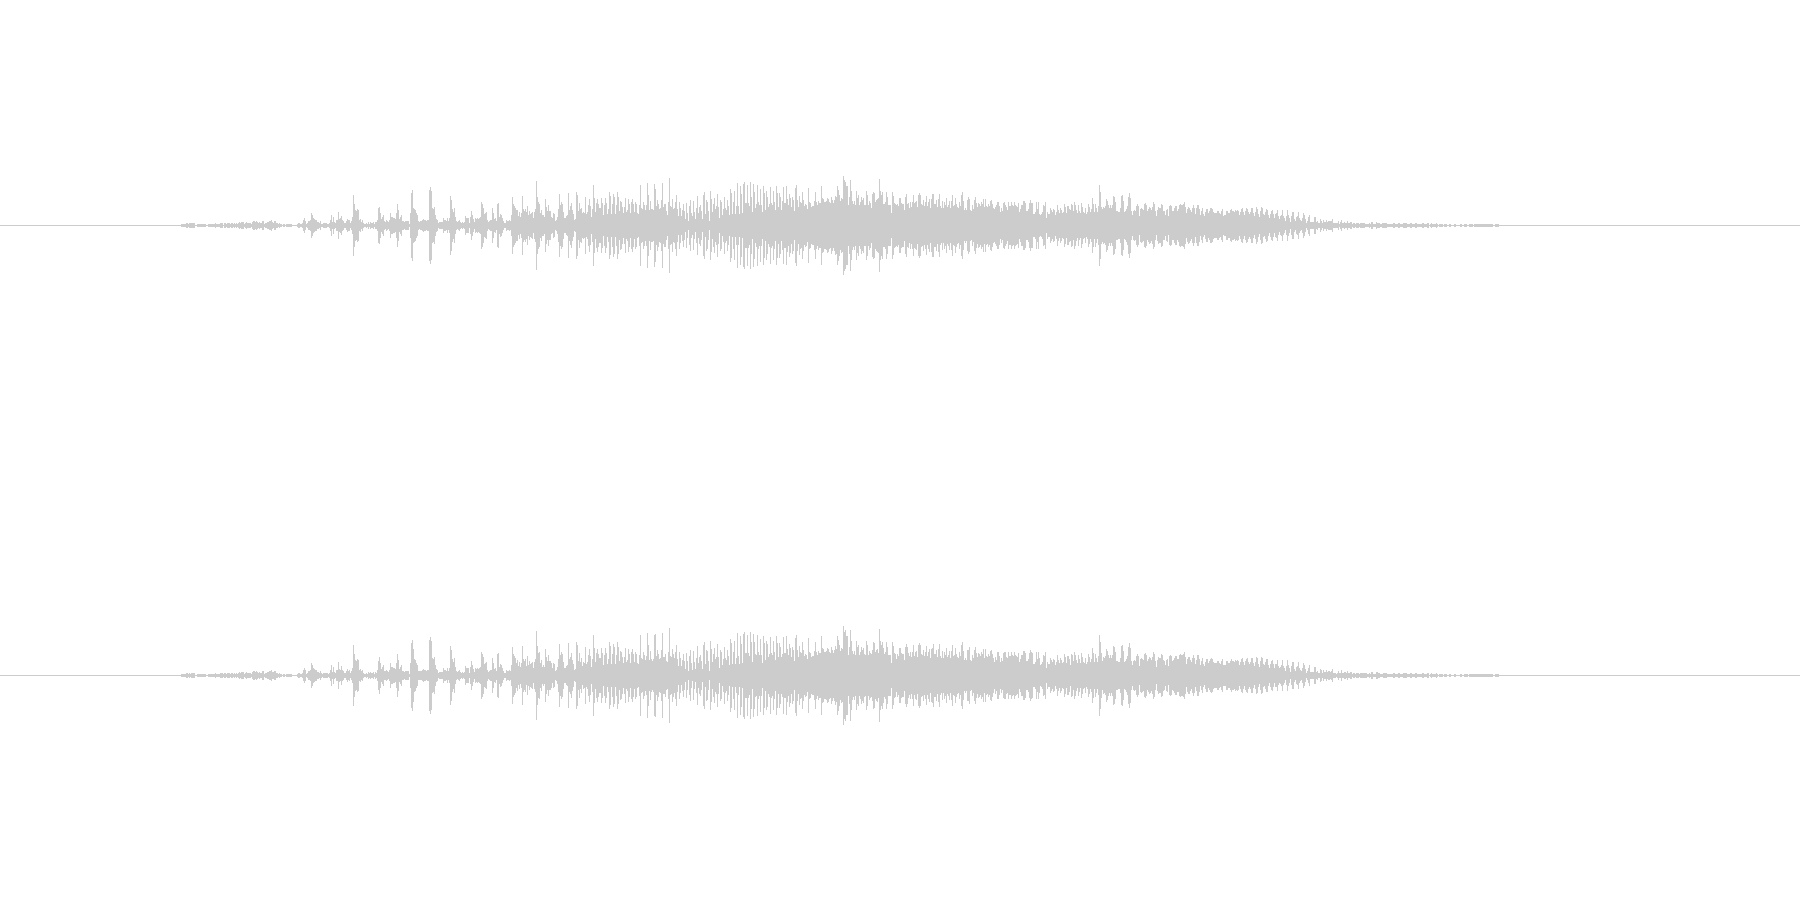 ニャー_猫声-05の未再生の波形